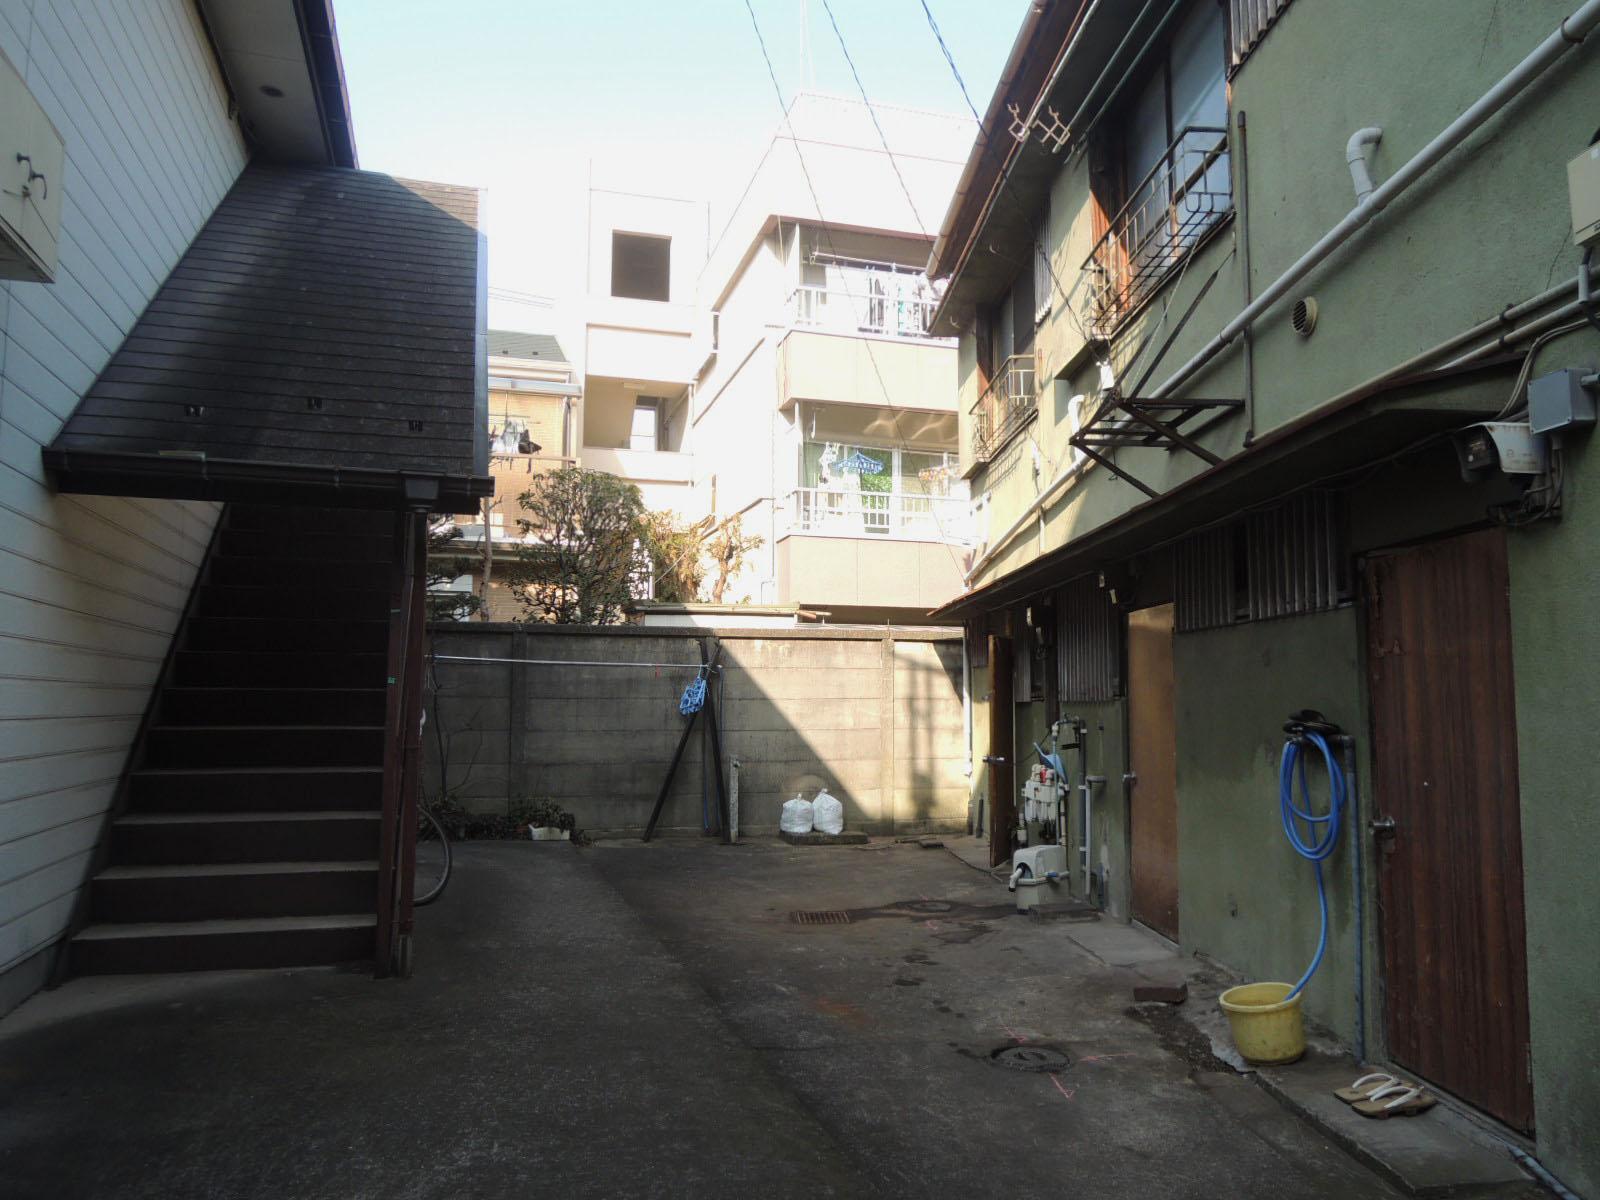 右奥が該当区画。裏口を出るとさらにアパートです。